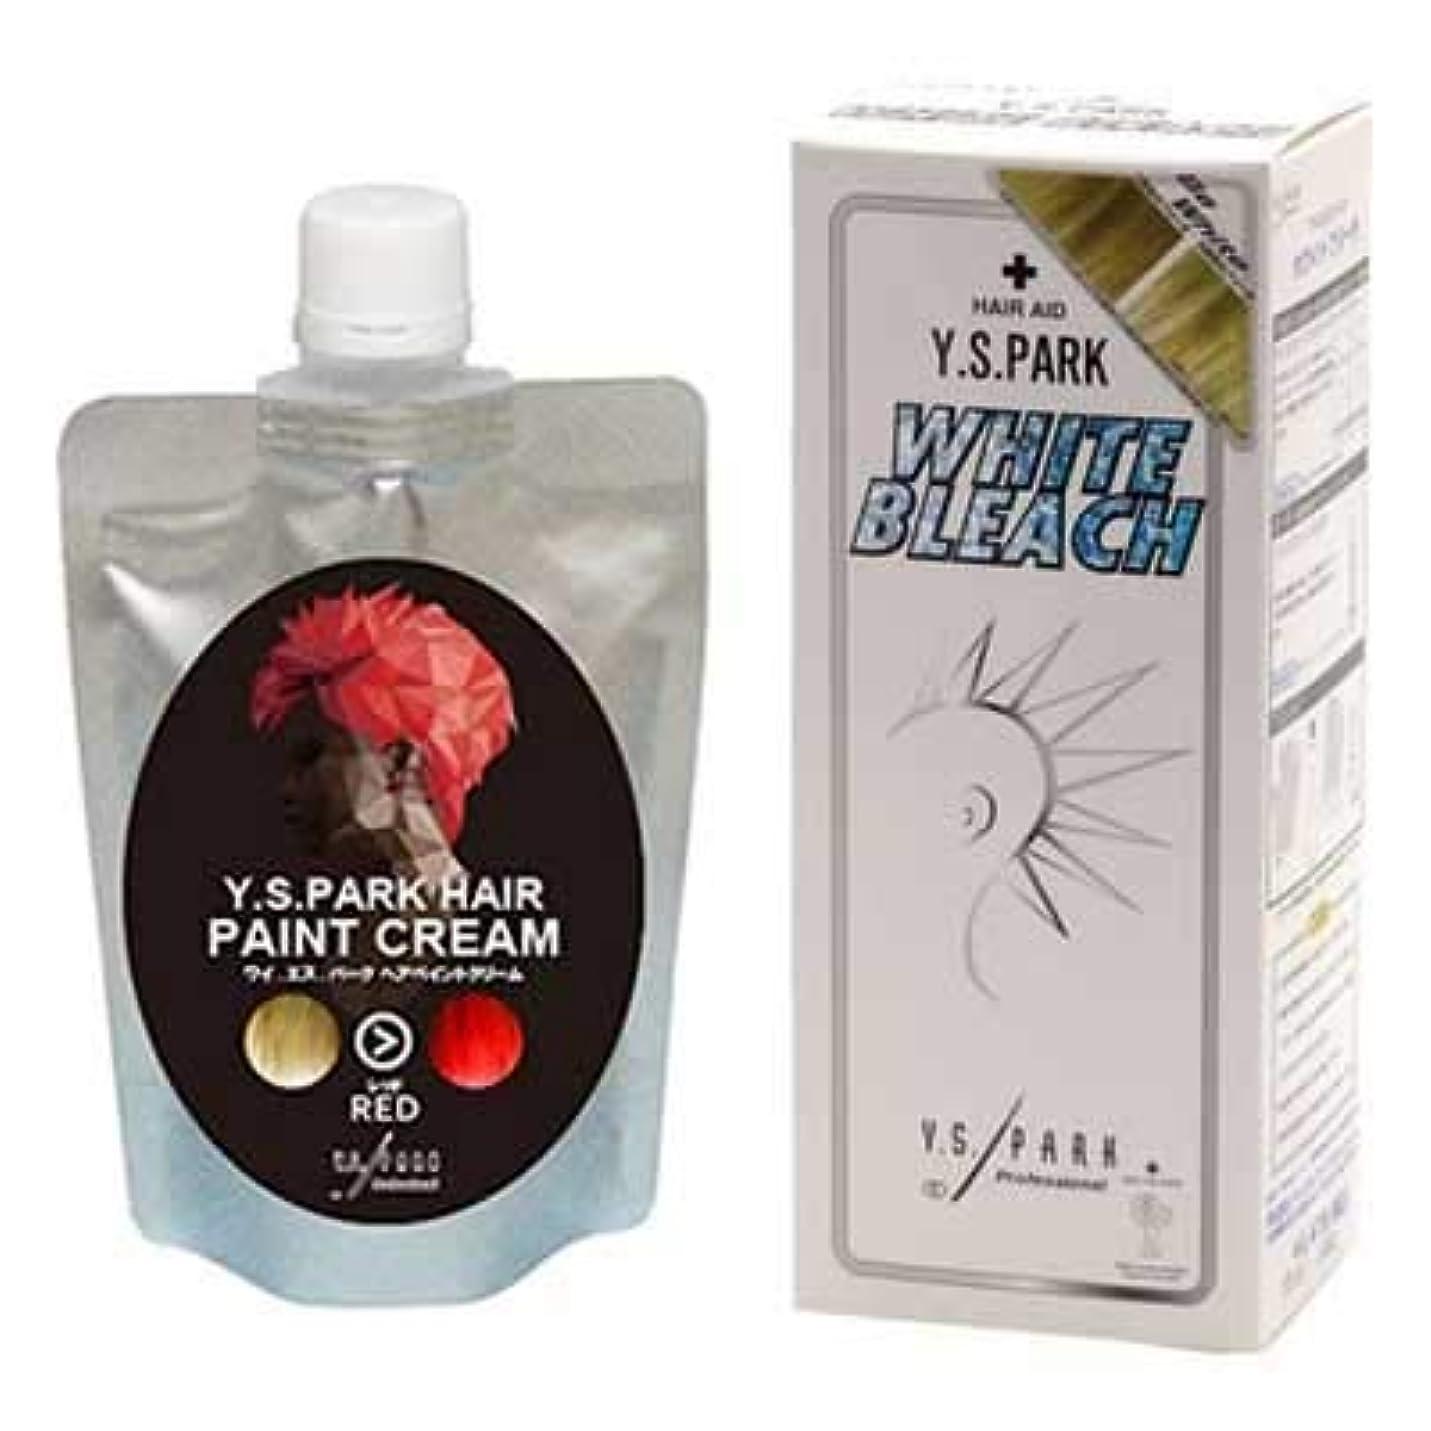 掻く最大の酔っ払いY.S.PARKヘアペイントクリーム レッド 200g & Y.S.PARKホワイトブリーチセット